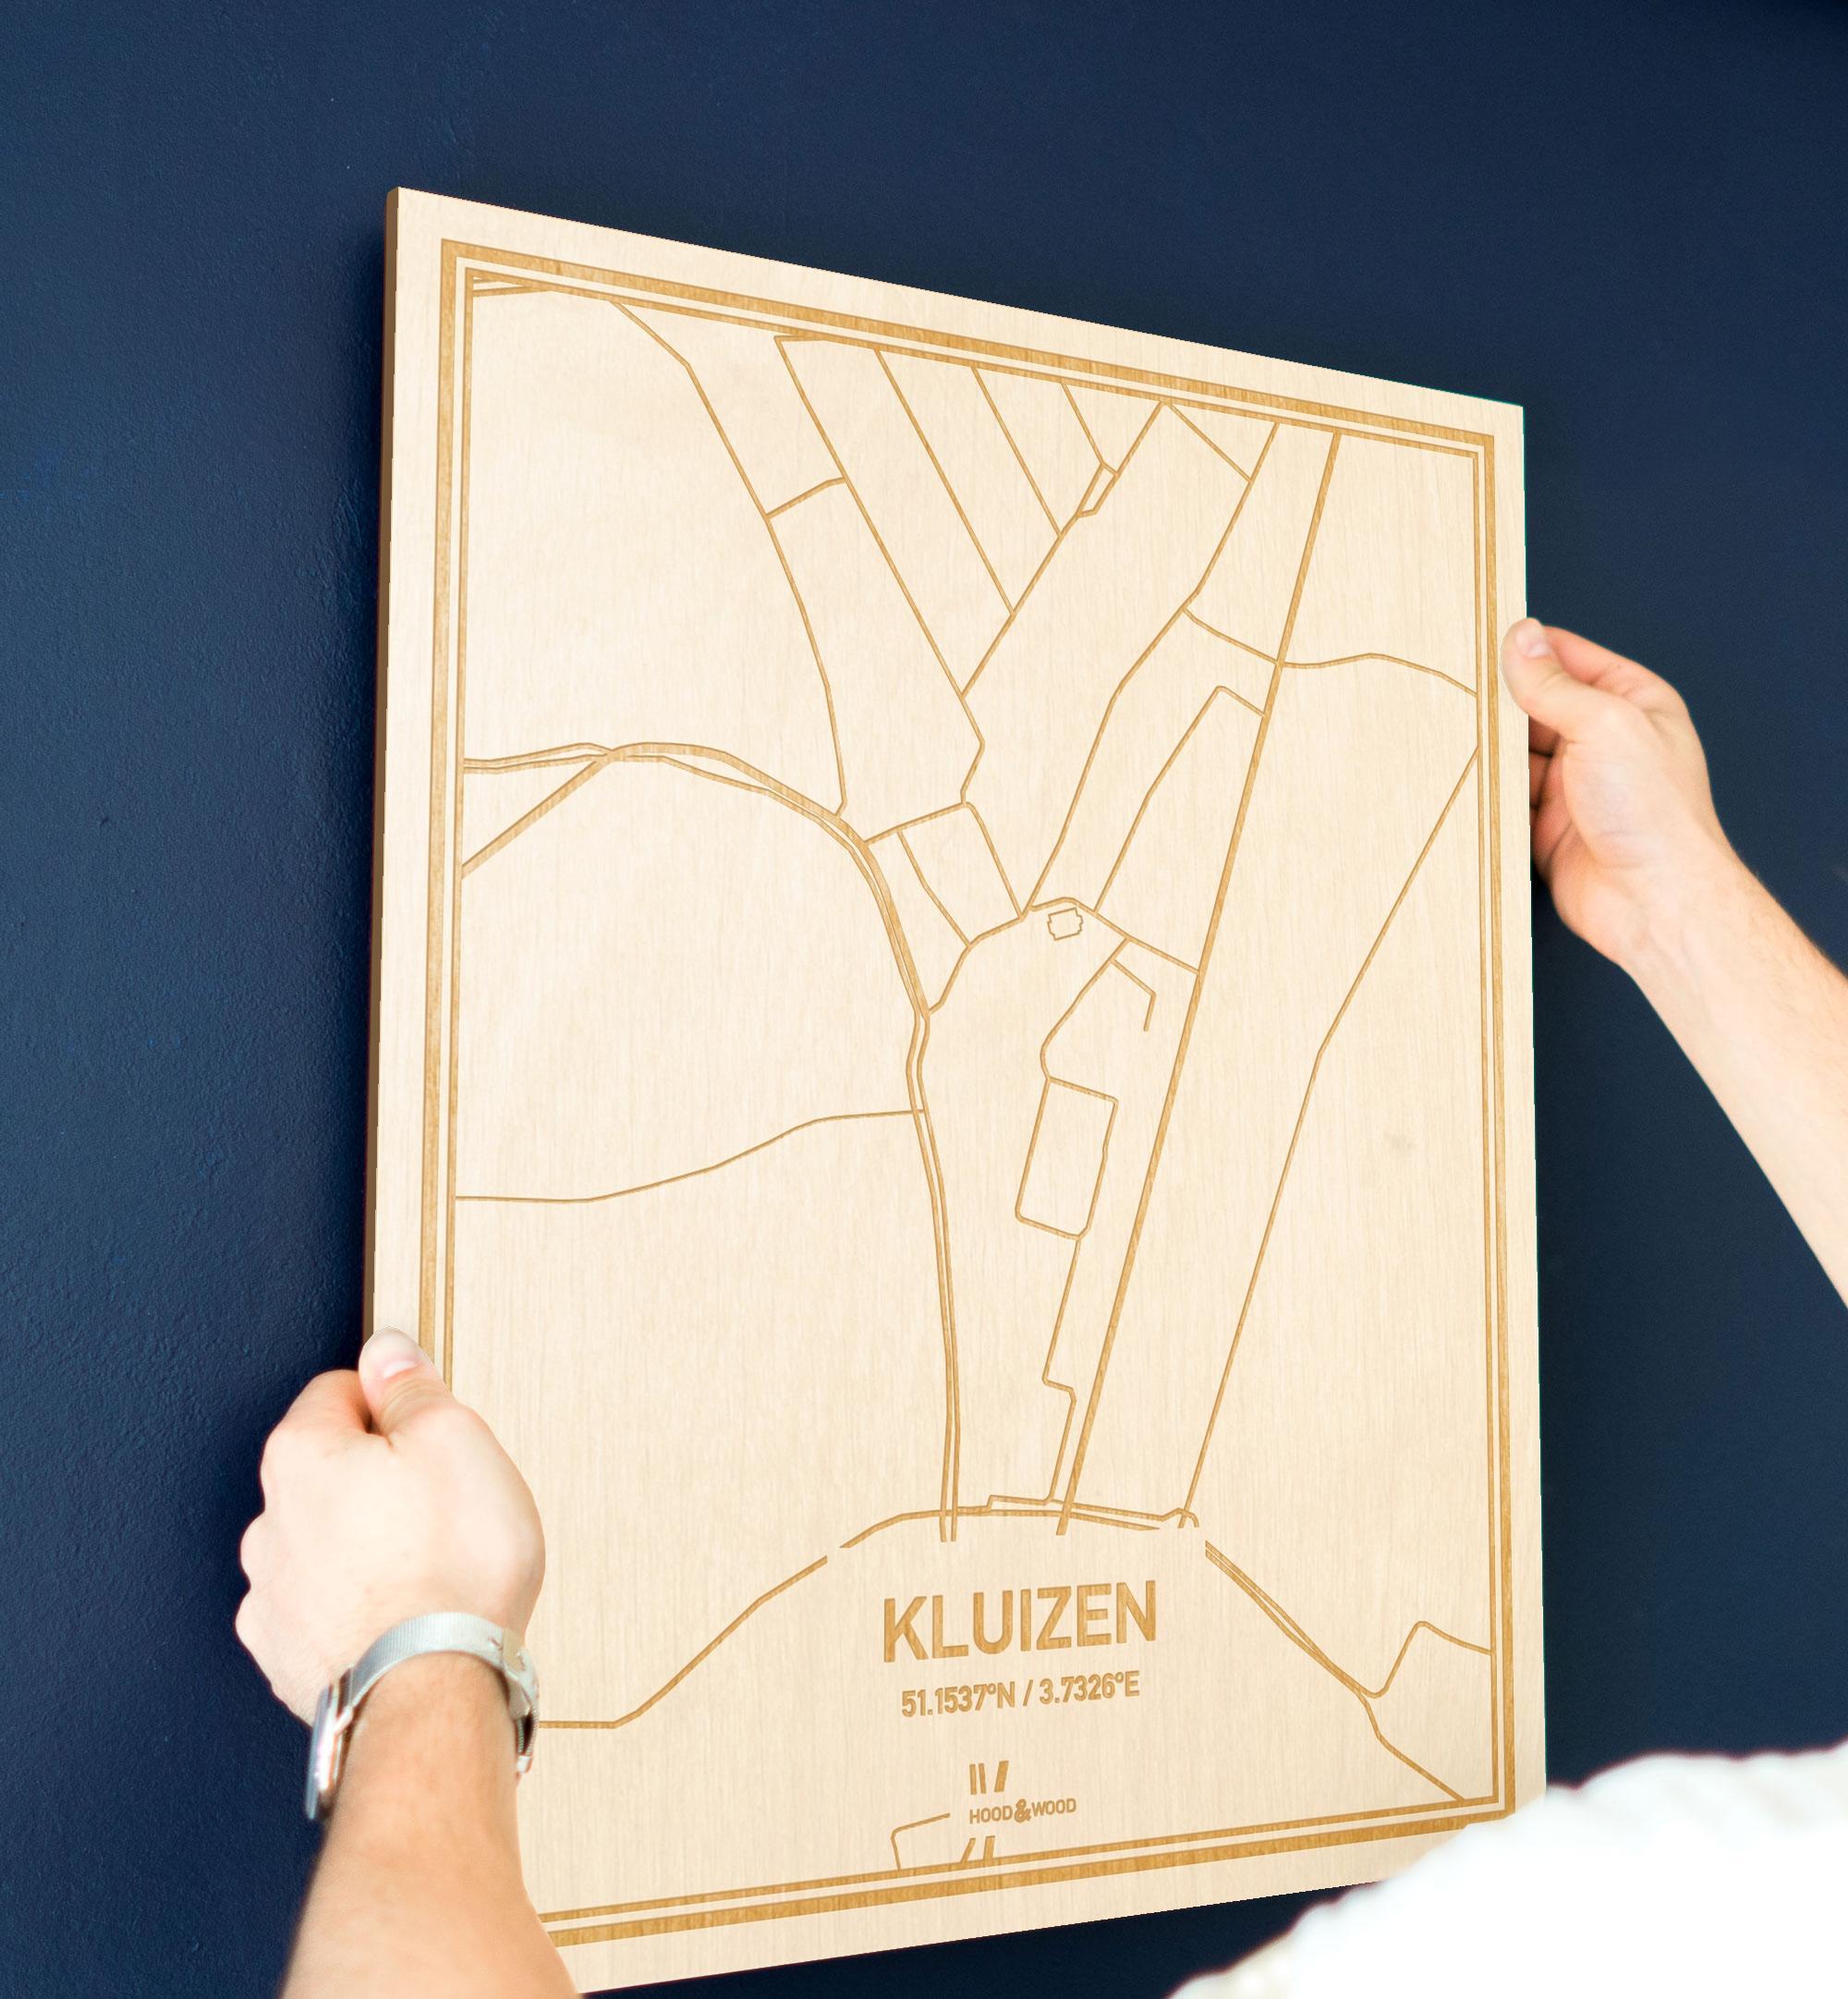 Een man hangt de houten plattegrond Kluizen aan zijn blauwe muur ter decoratie. Je ziet alleen zijn handen de kaart van deze unieke in Oost-Vlaanderen  vasthouden.